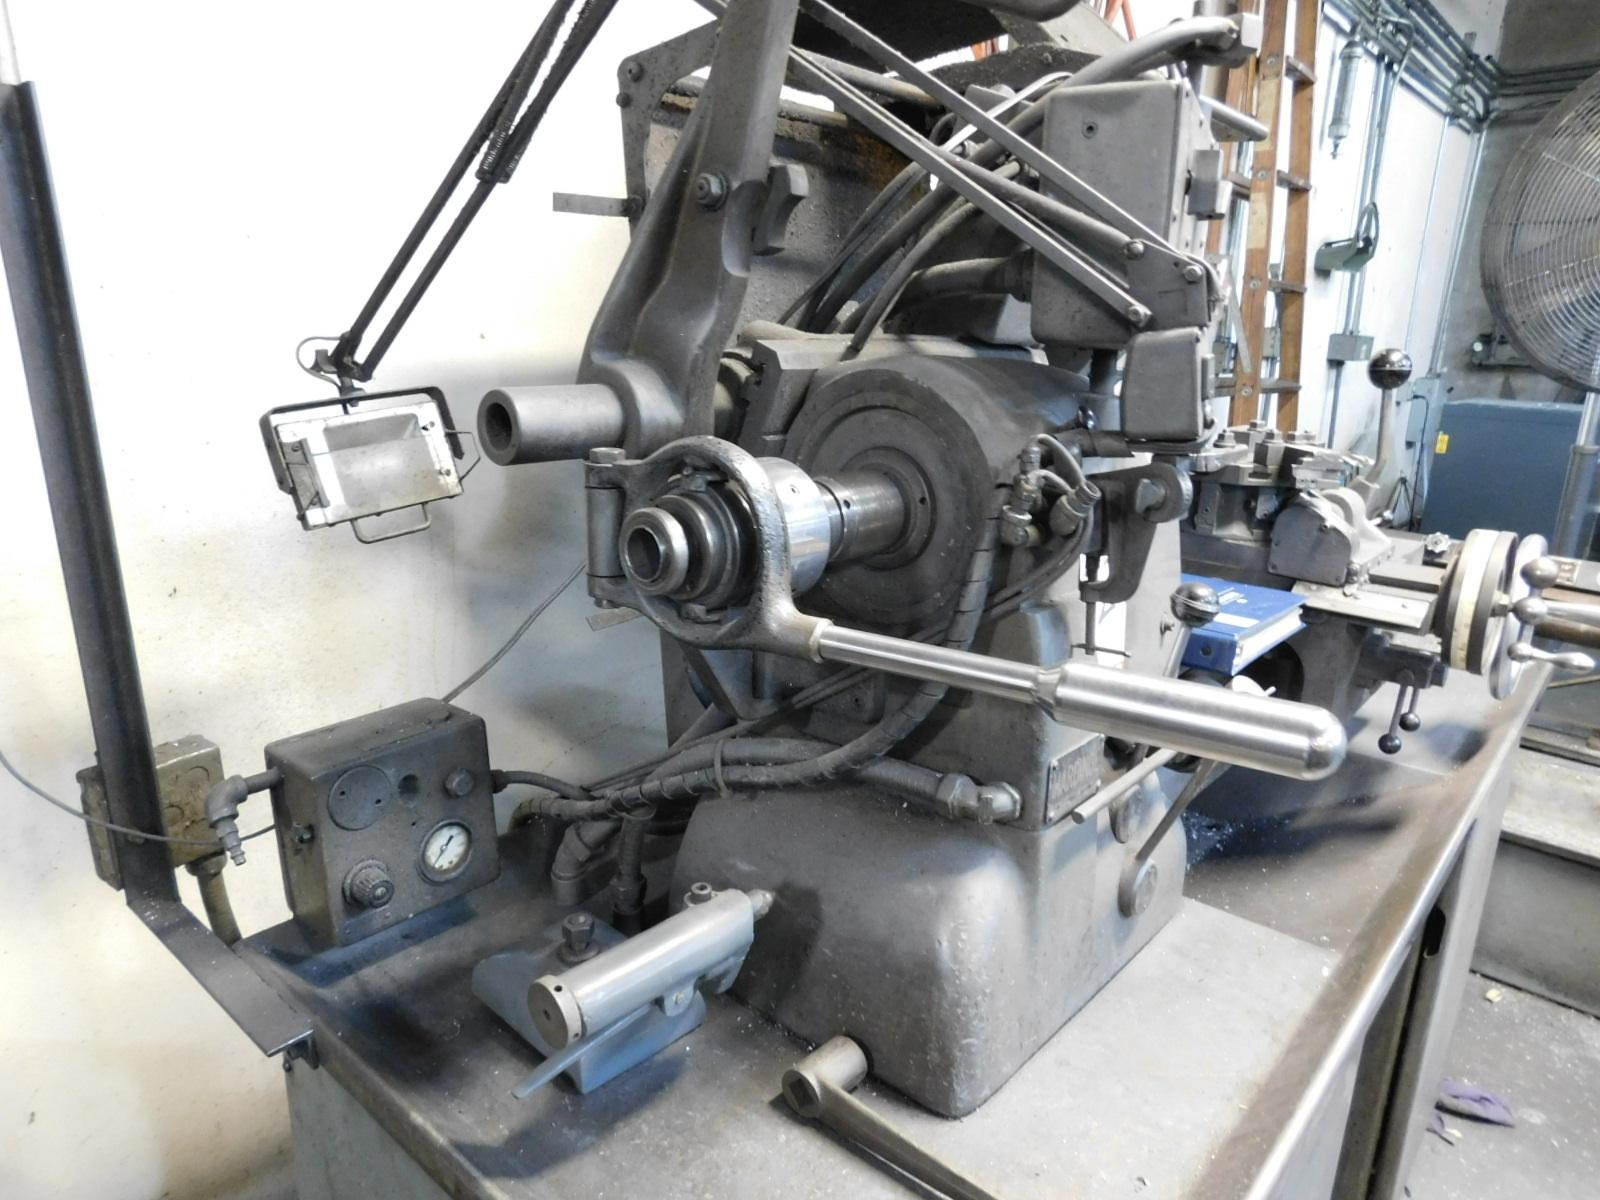 HARDINGE MODEL HC AUTOMATIC CHUCKING LATHE, S/N HC-4354-P - Image 7 of 8